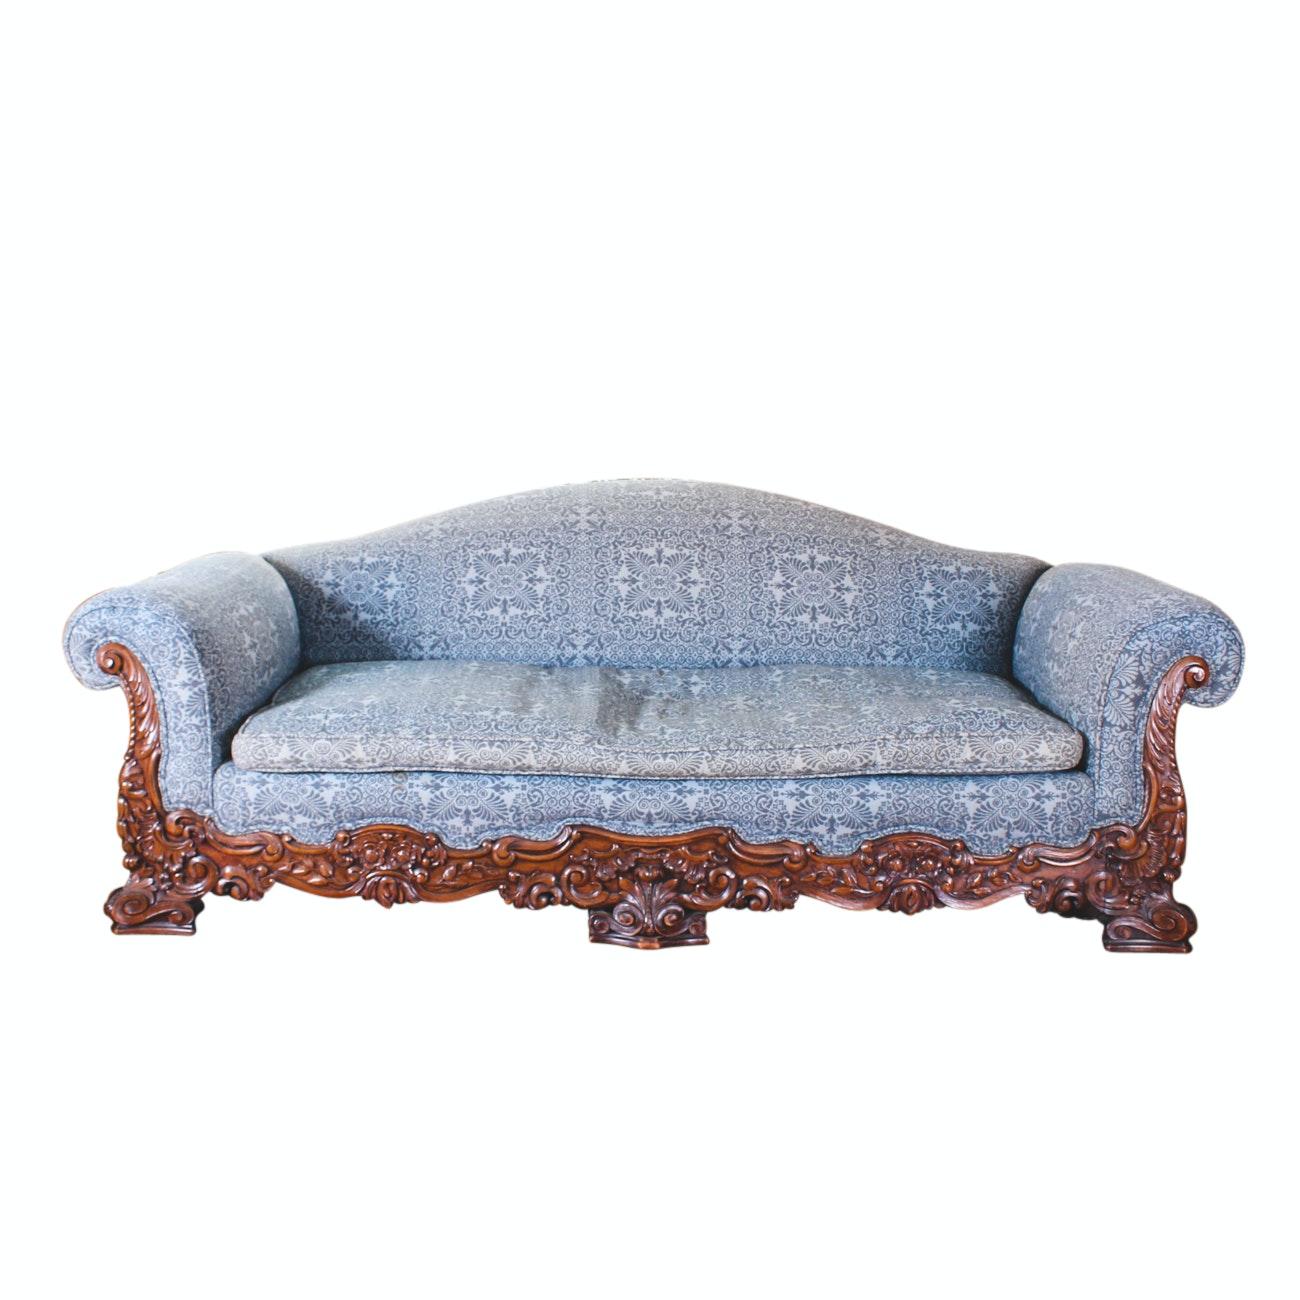 Victorian Renaissance Revival Style Parlor Sofa ...